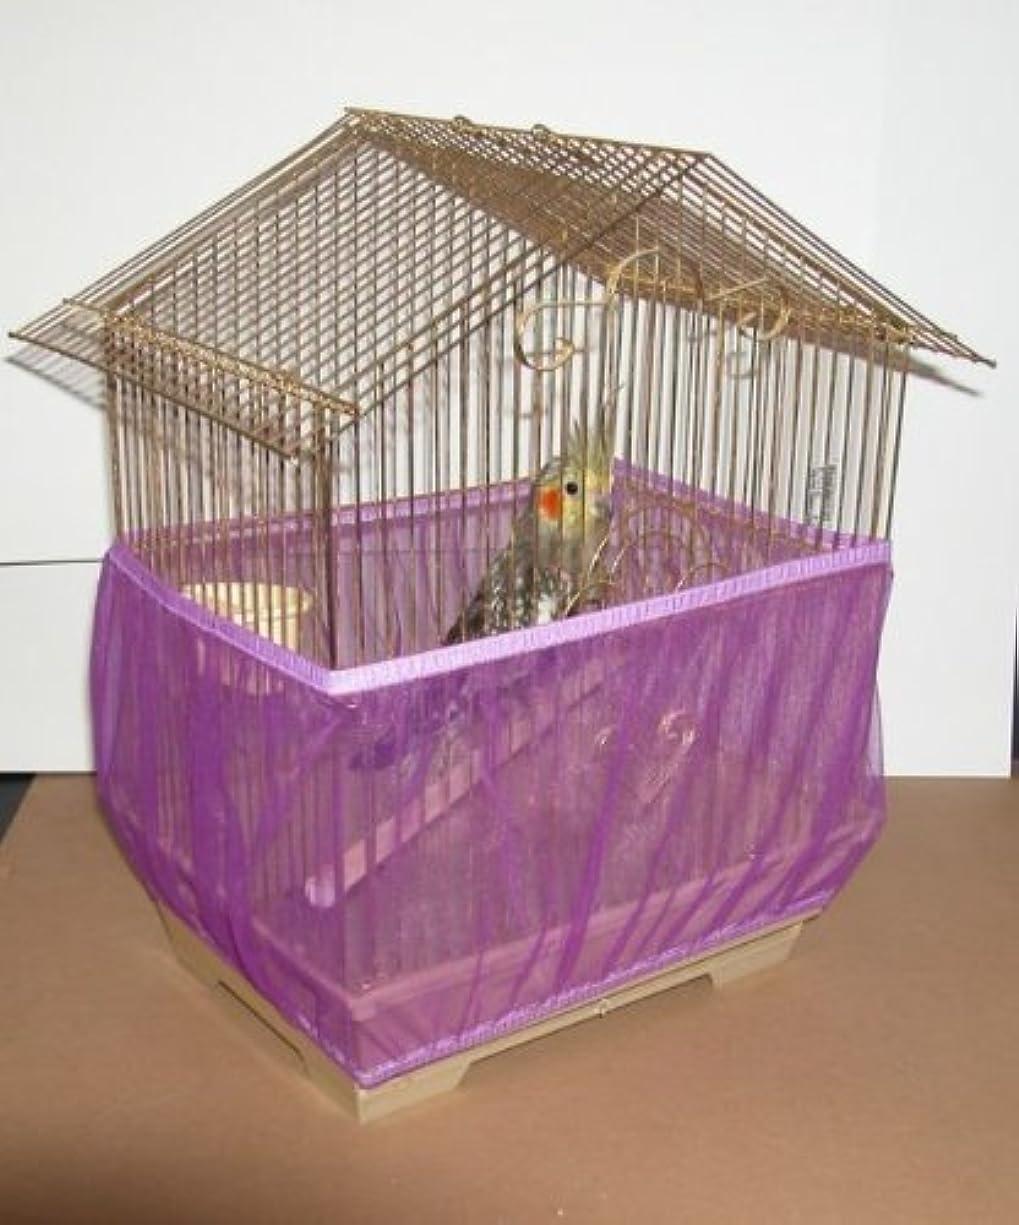 する必要がある視聴者国民投票Sheer Guard Bird Cage Skirt - Small (Purple) by Sheer Guard